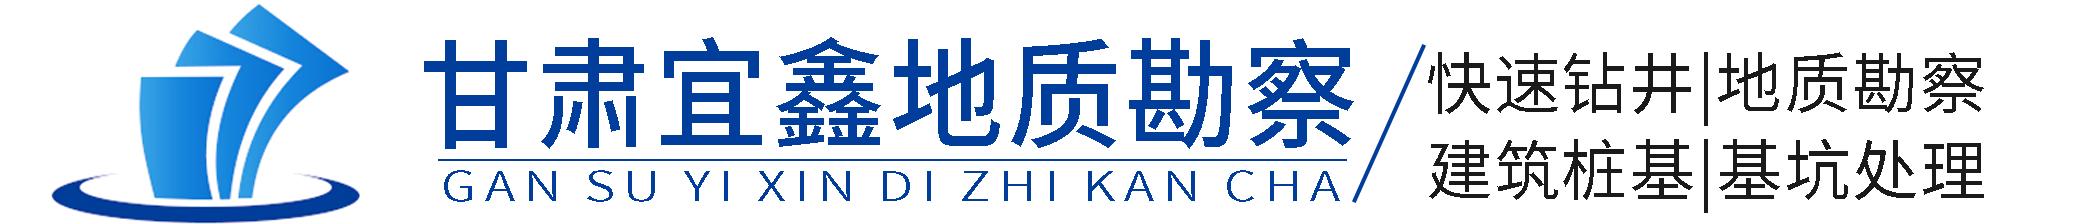 甘肅宜鑫地質勘察服務有限公司